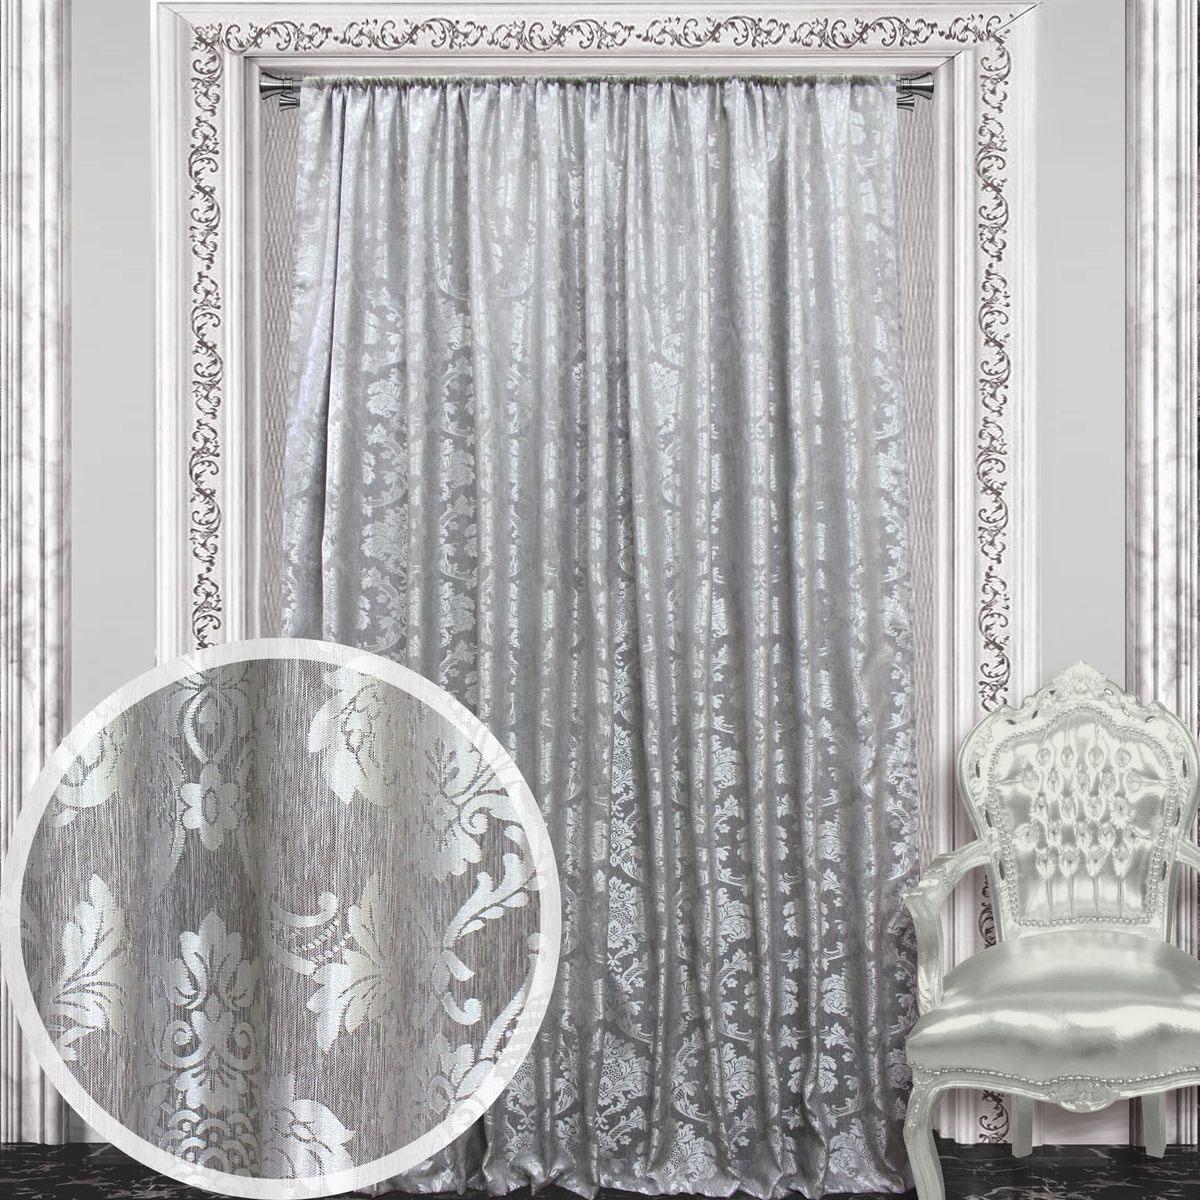 Штора Amore Mio, 200 х 270 см, 1 шт., цвет: серый. 8605286052